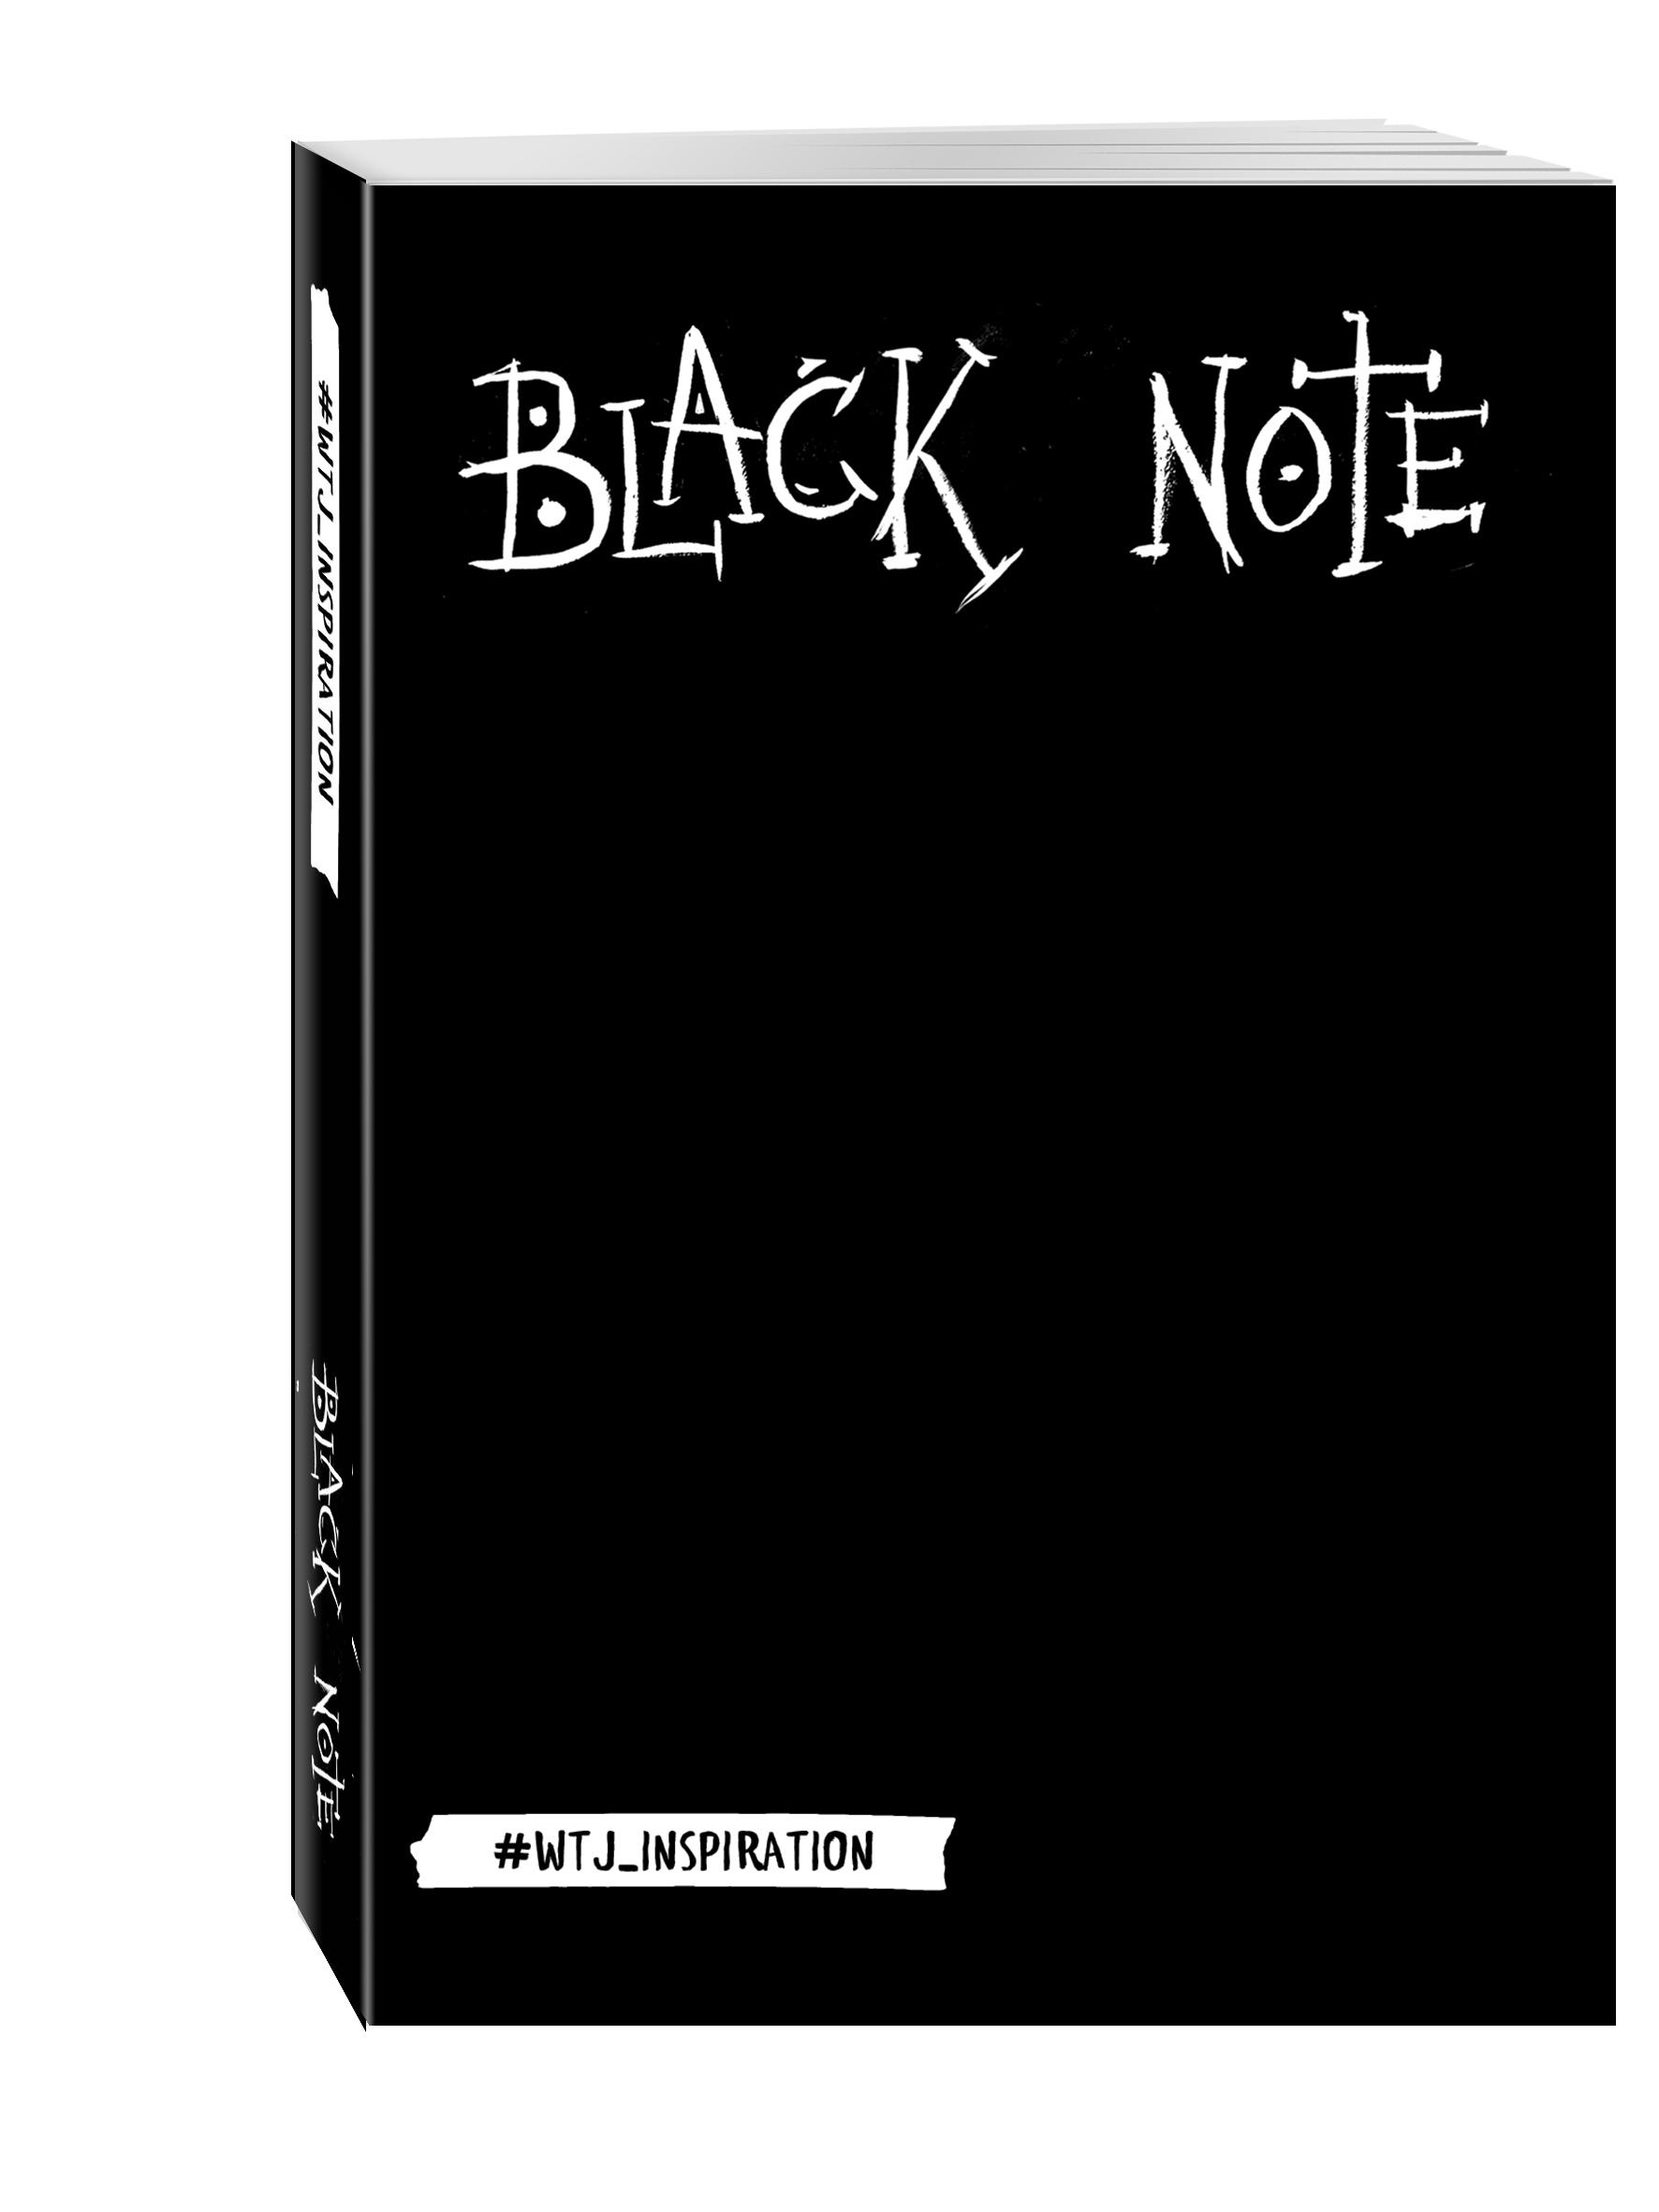 Комплект. Black Note. Креативный блокнот с черными страницами (мягкая обложка) + Комплект из 2-х белых ручек и белого карандаша WTJ_INSPIRATION black note